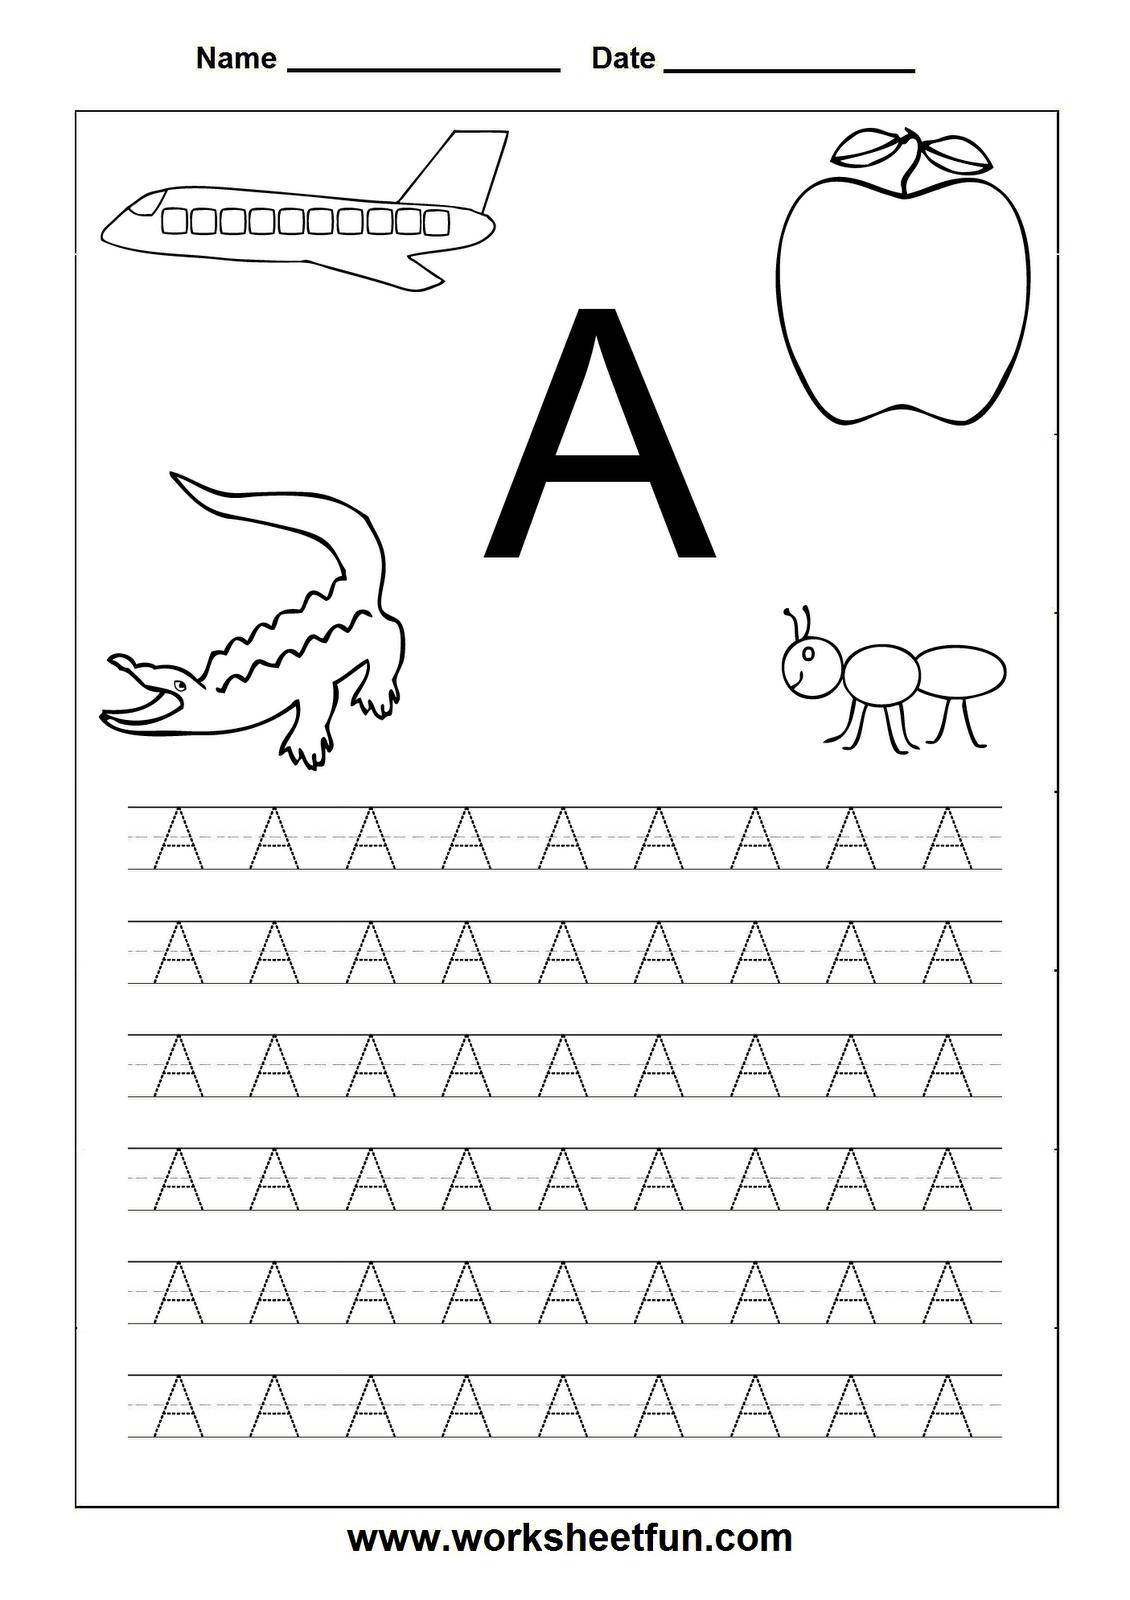 Letter Worksheets For Kindergarten Printable | Letters | Pinterest - Free Printable Letter Worksheets